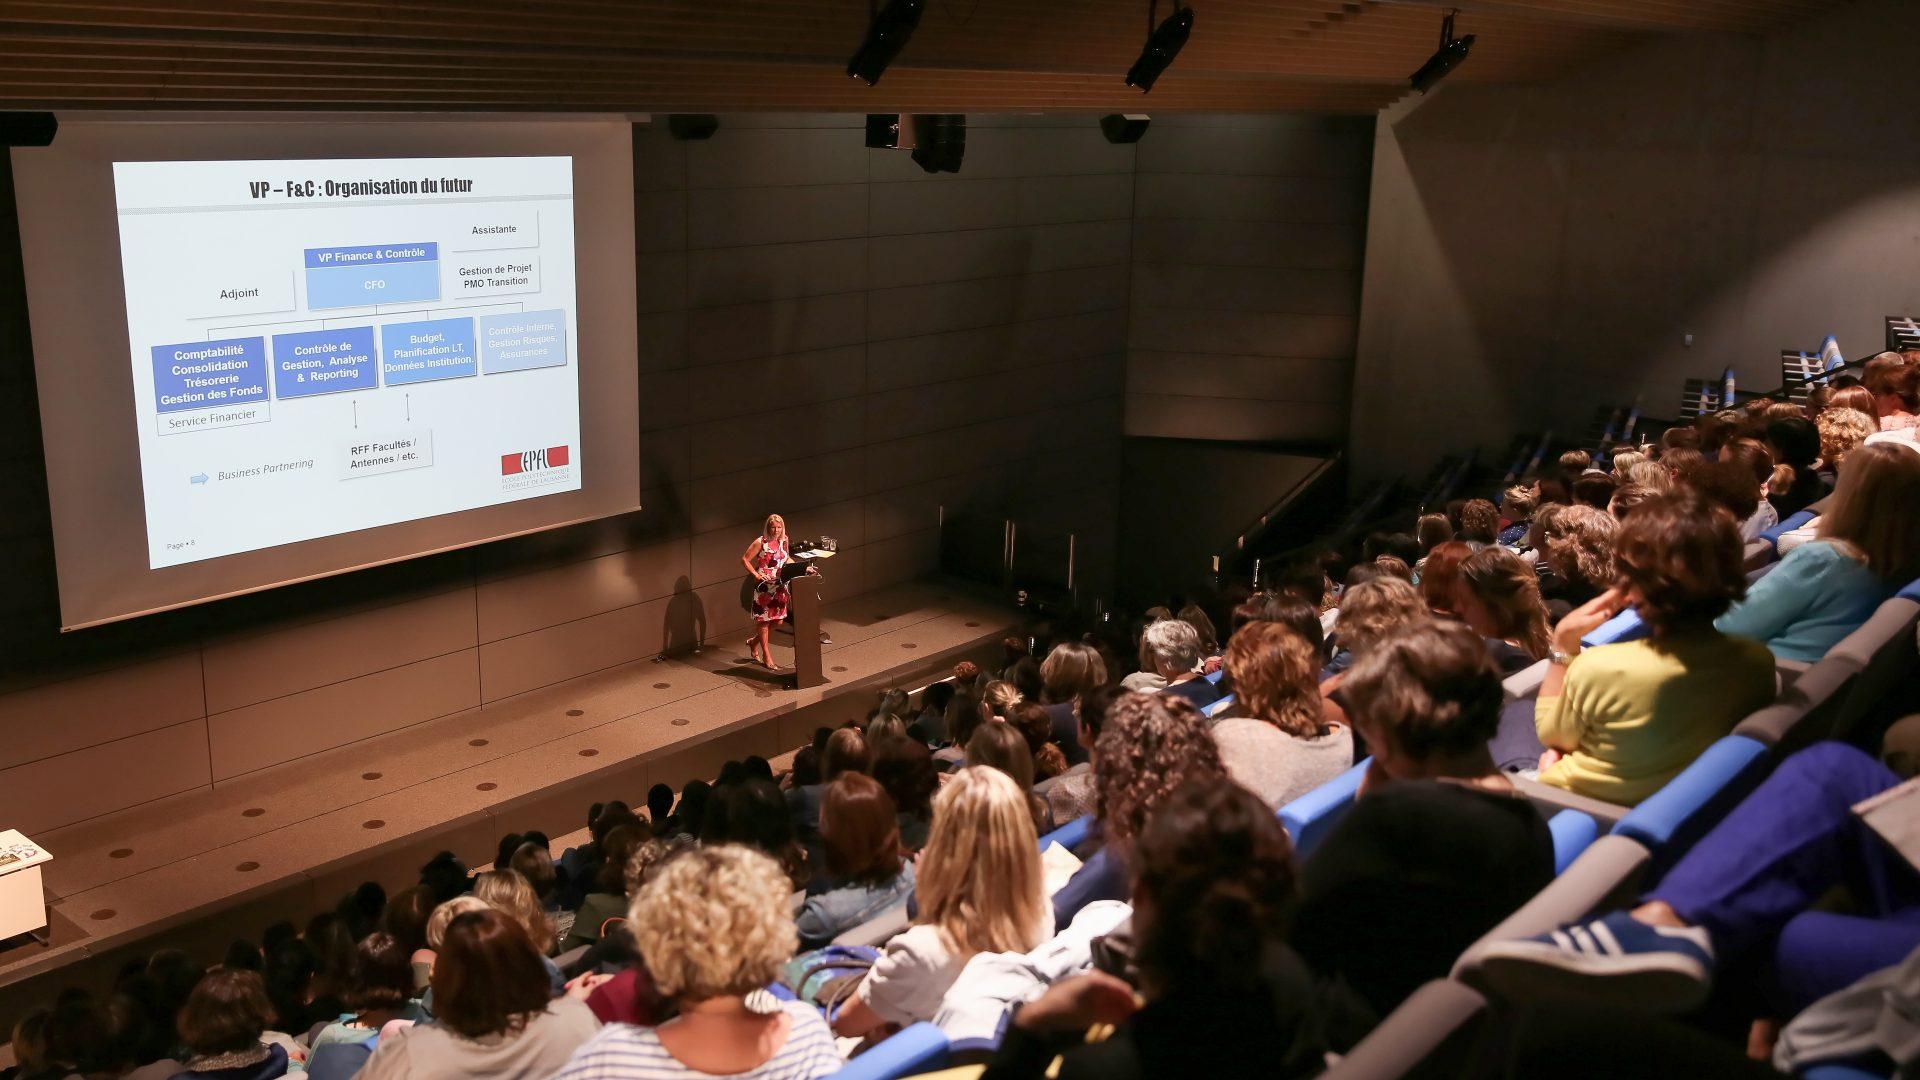 Dans un auditoire, la Vice-présidente Caroline Kuyper effectue une présentation. Sur un écran, une slide Powerpoint.